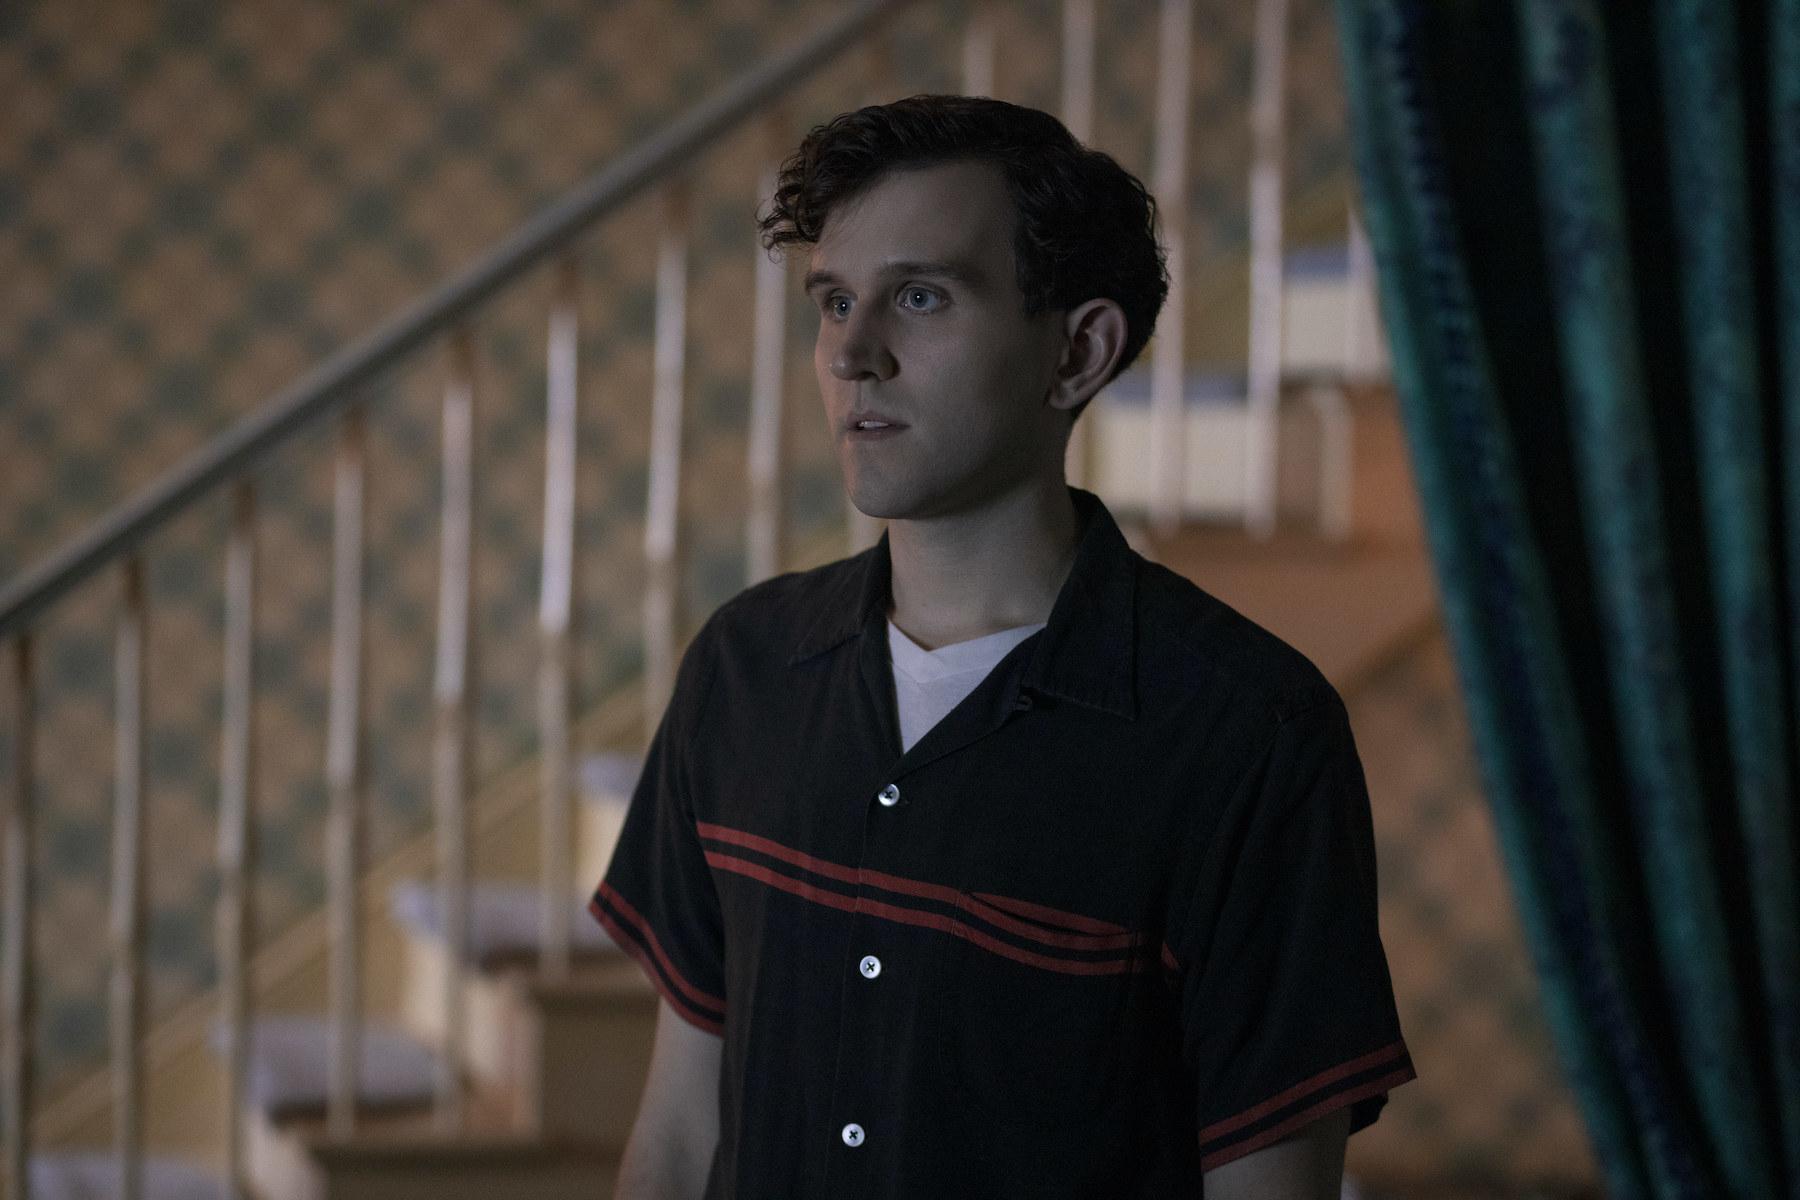 HARRY MELLING as HARRY BELTIK in episode 105 of THE QUEEN'S GAMBIT